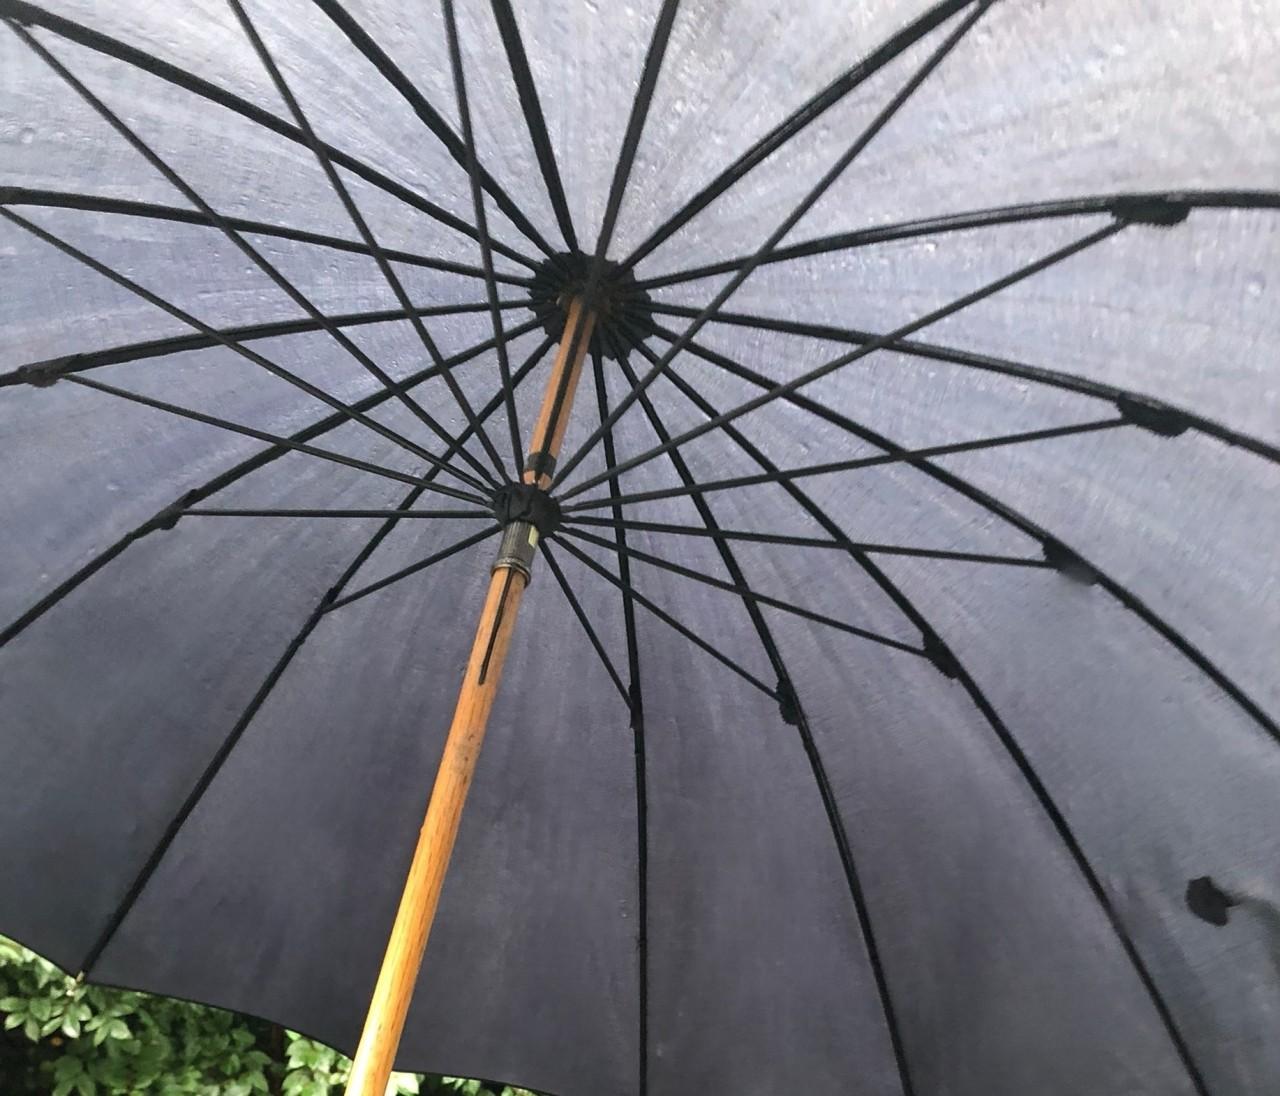 長く使えて愛せる名品。前原光榮商店の傘【エディターのおうち私物#162】